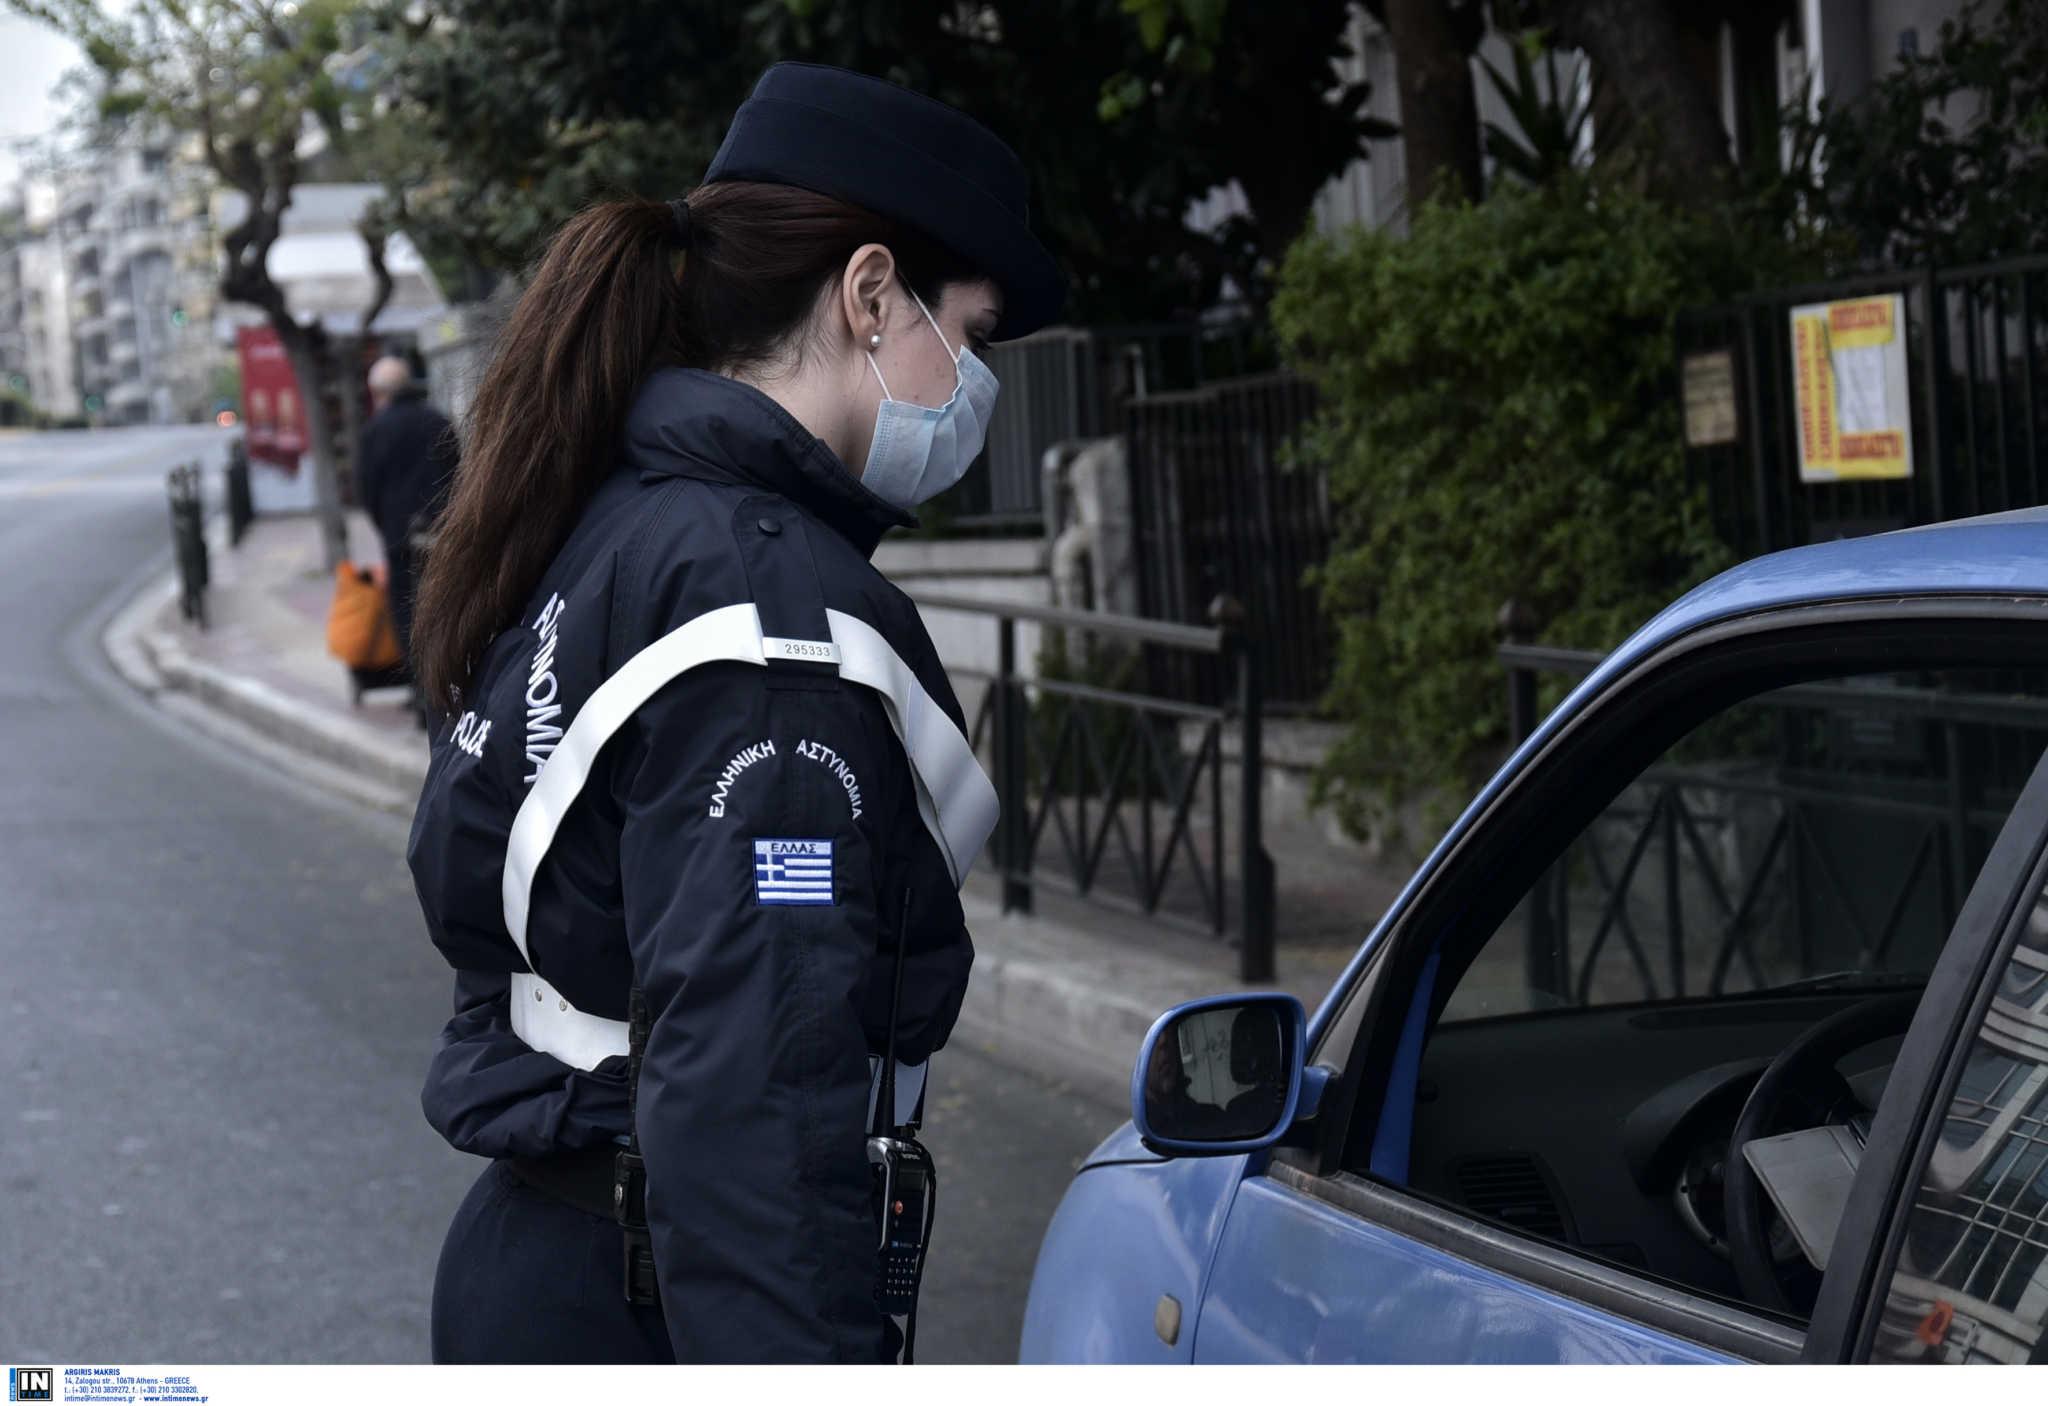 Ιωαννίδης: Πρέπει να επιτραπούν οι μετακινήσεις από νομό σε νομό